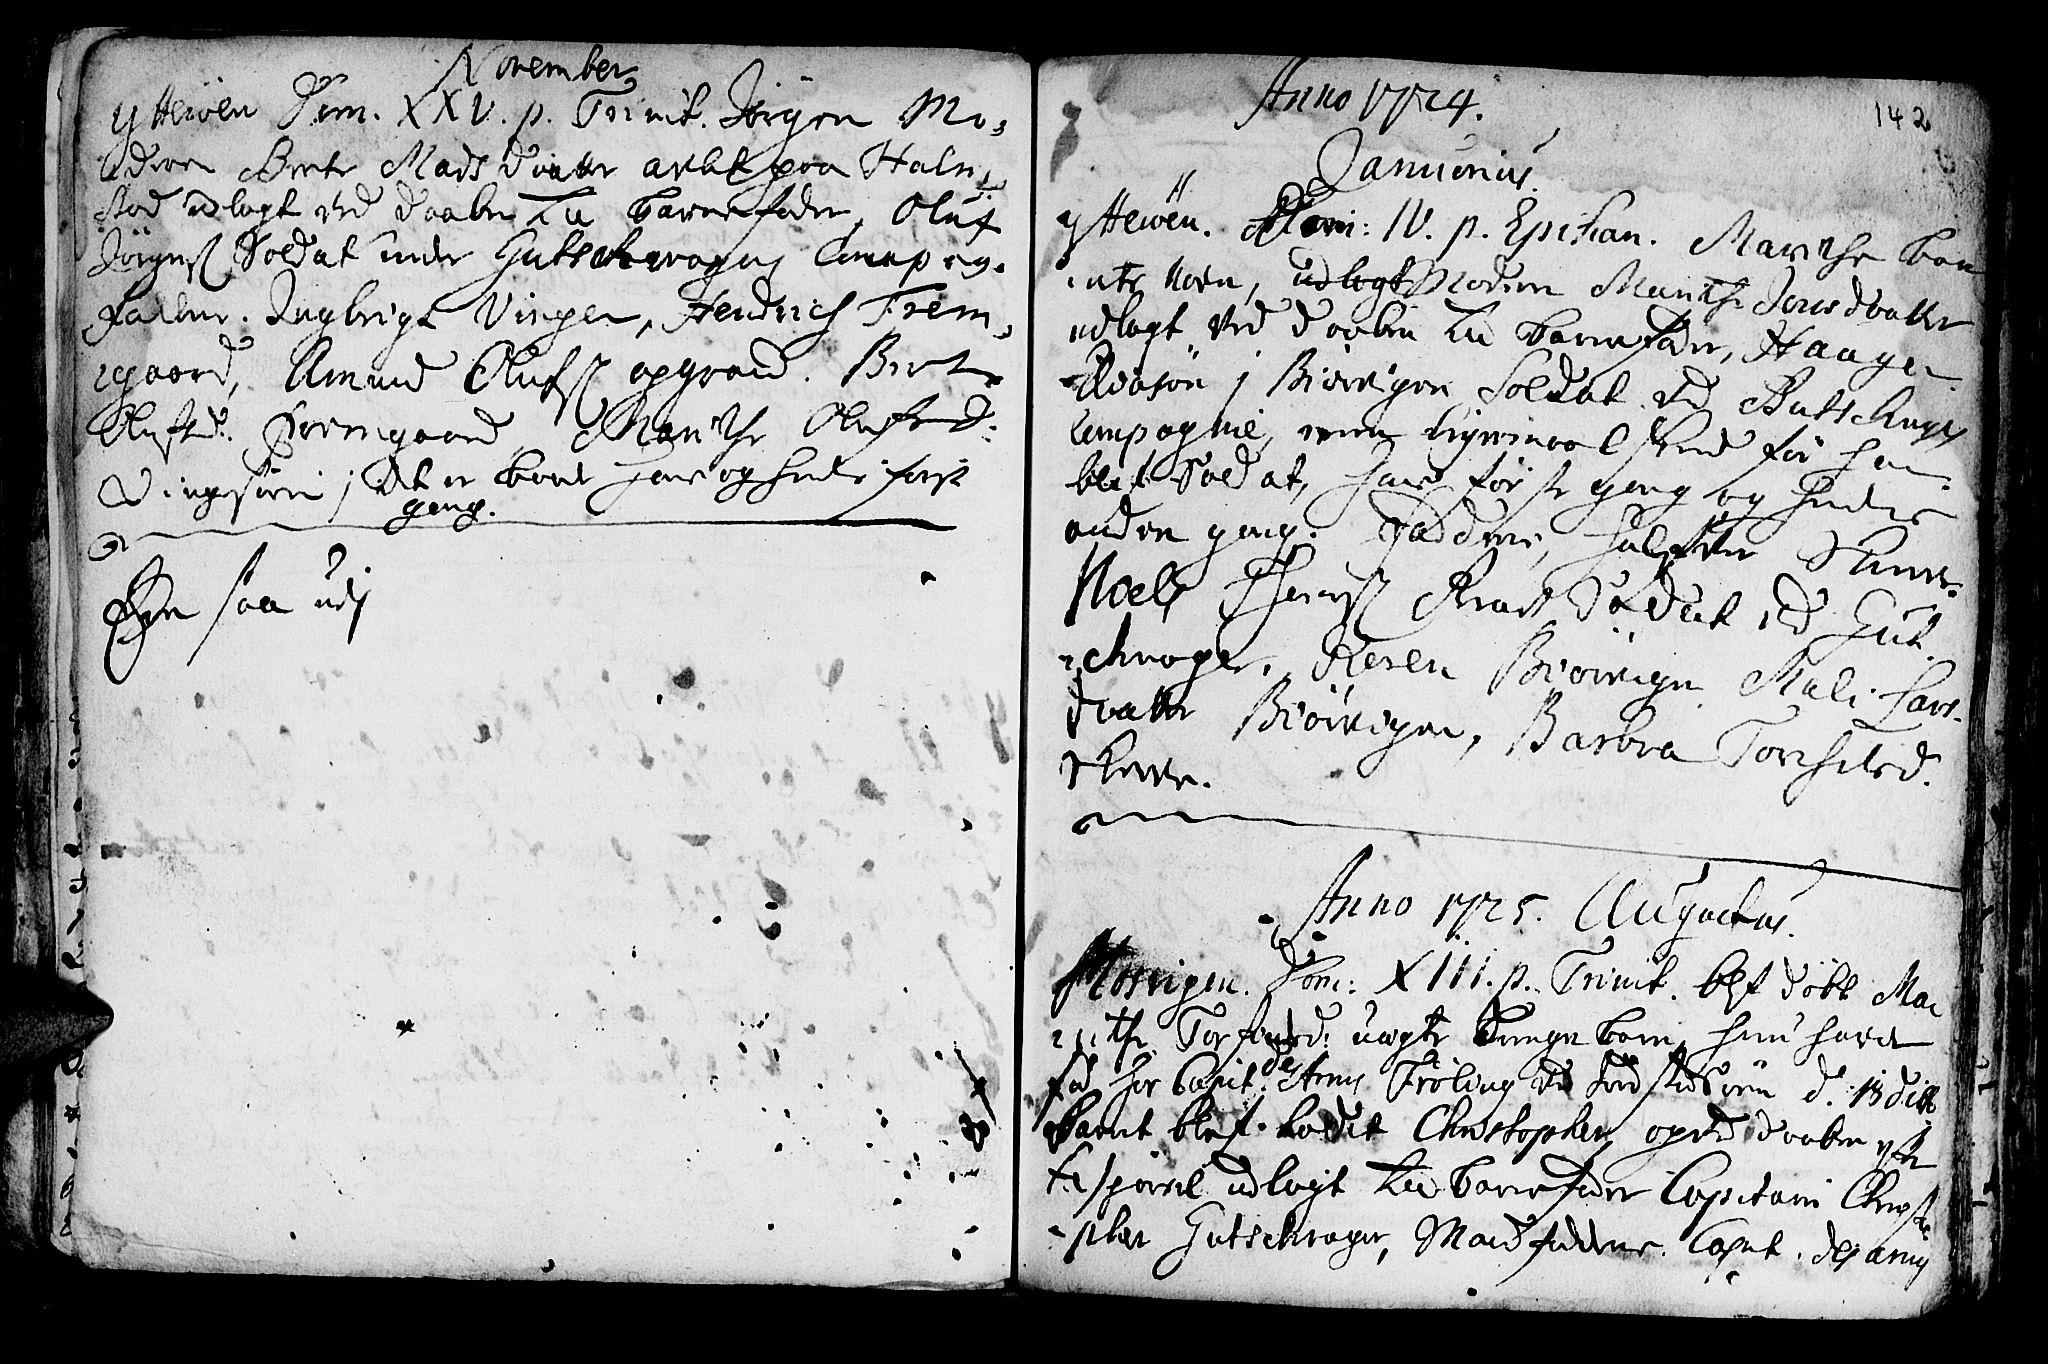 SAT, Ministerialprotokoller, klokkerbøker og fødselsregistre - Nord-Trøndelag, 722/L0215: Ministerialbok nr. 722A02, 1718-1755, s. 142